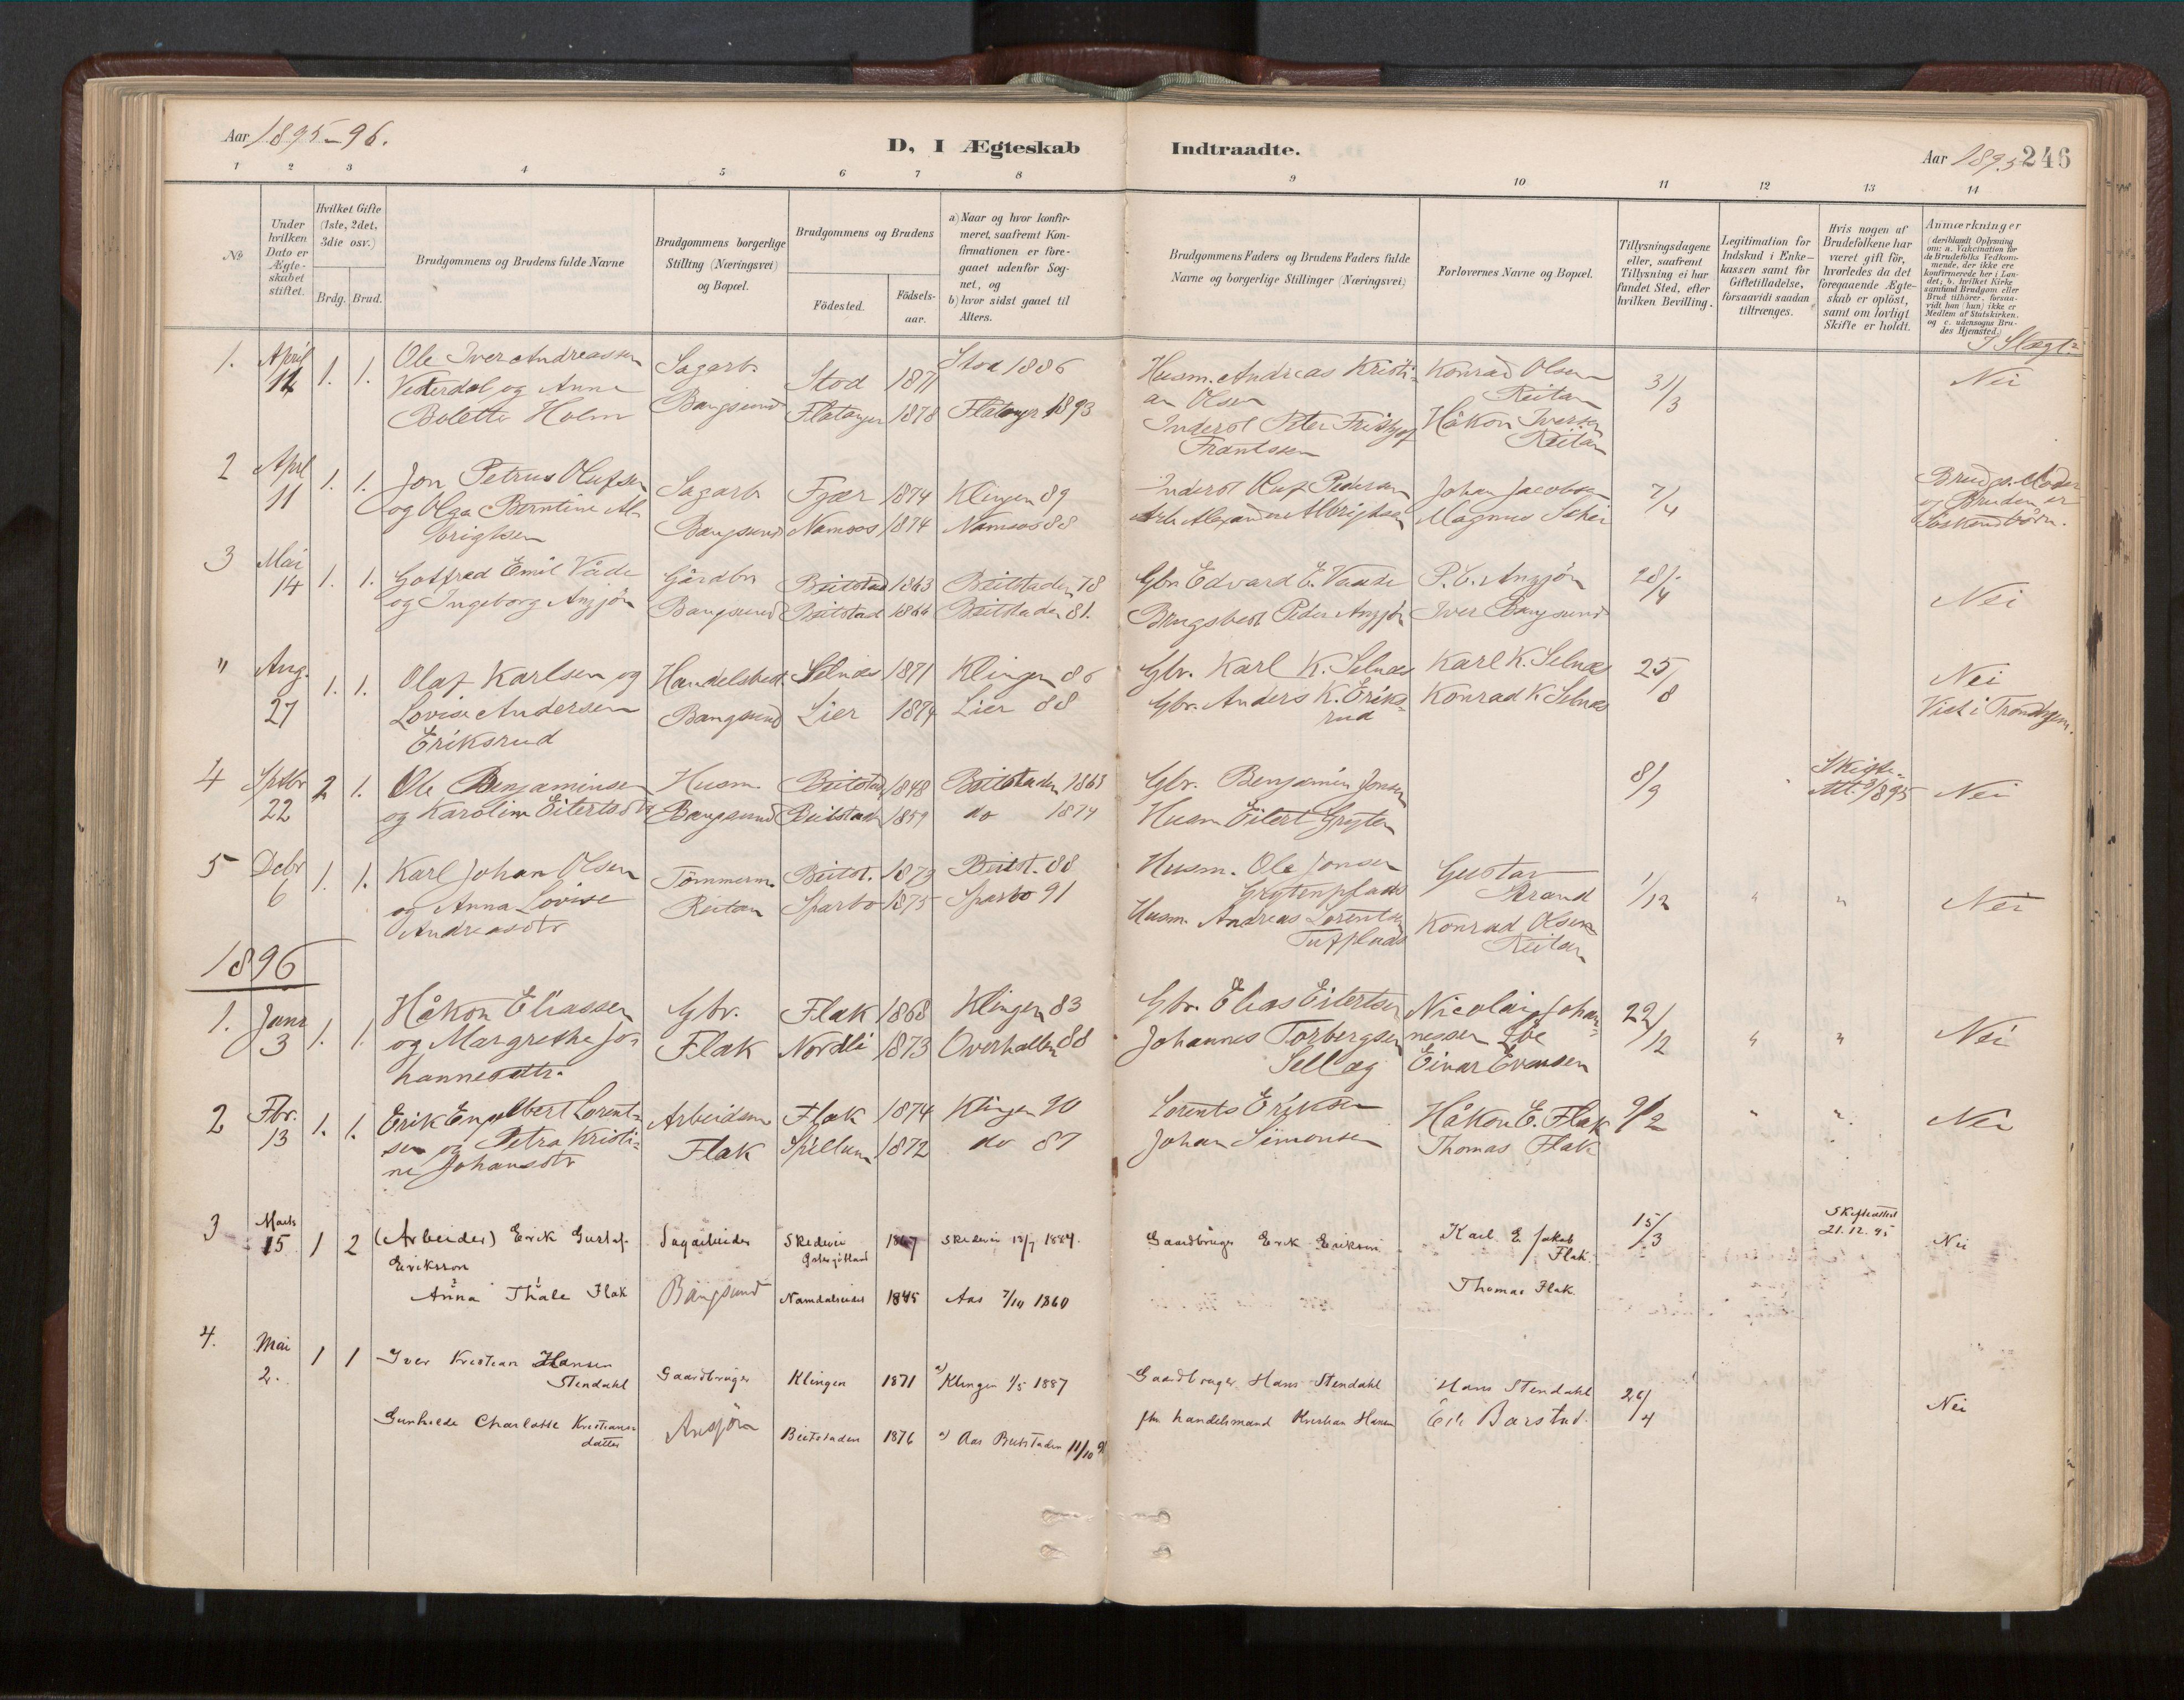 SAT, Ministerialprotokoller, klokkerbøker og fødselsregistre - Nord-Trøndelag, 770/L0589: Ministerialbok nr. 770A03, 1887-1929, s. 246